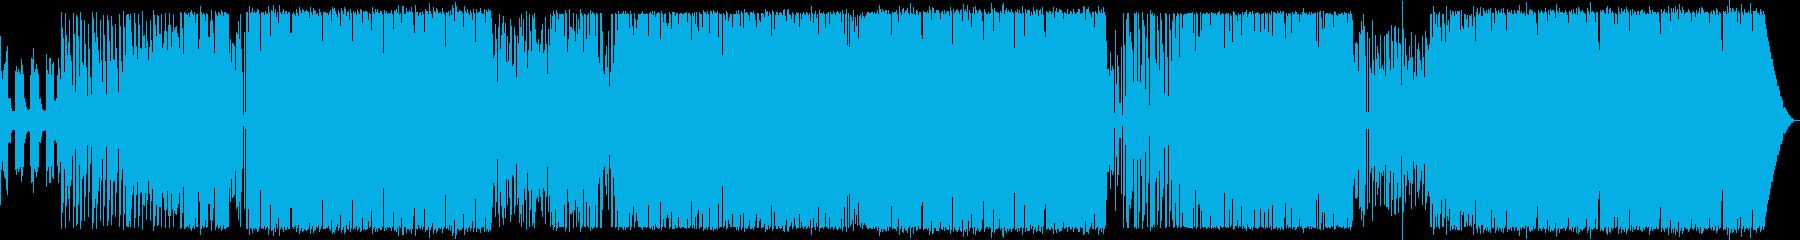 ギターがファンキーなEDMの再生済みの波形